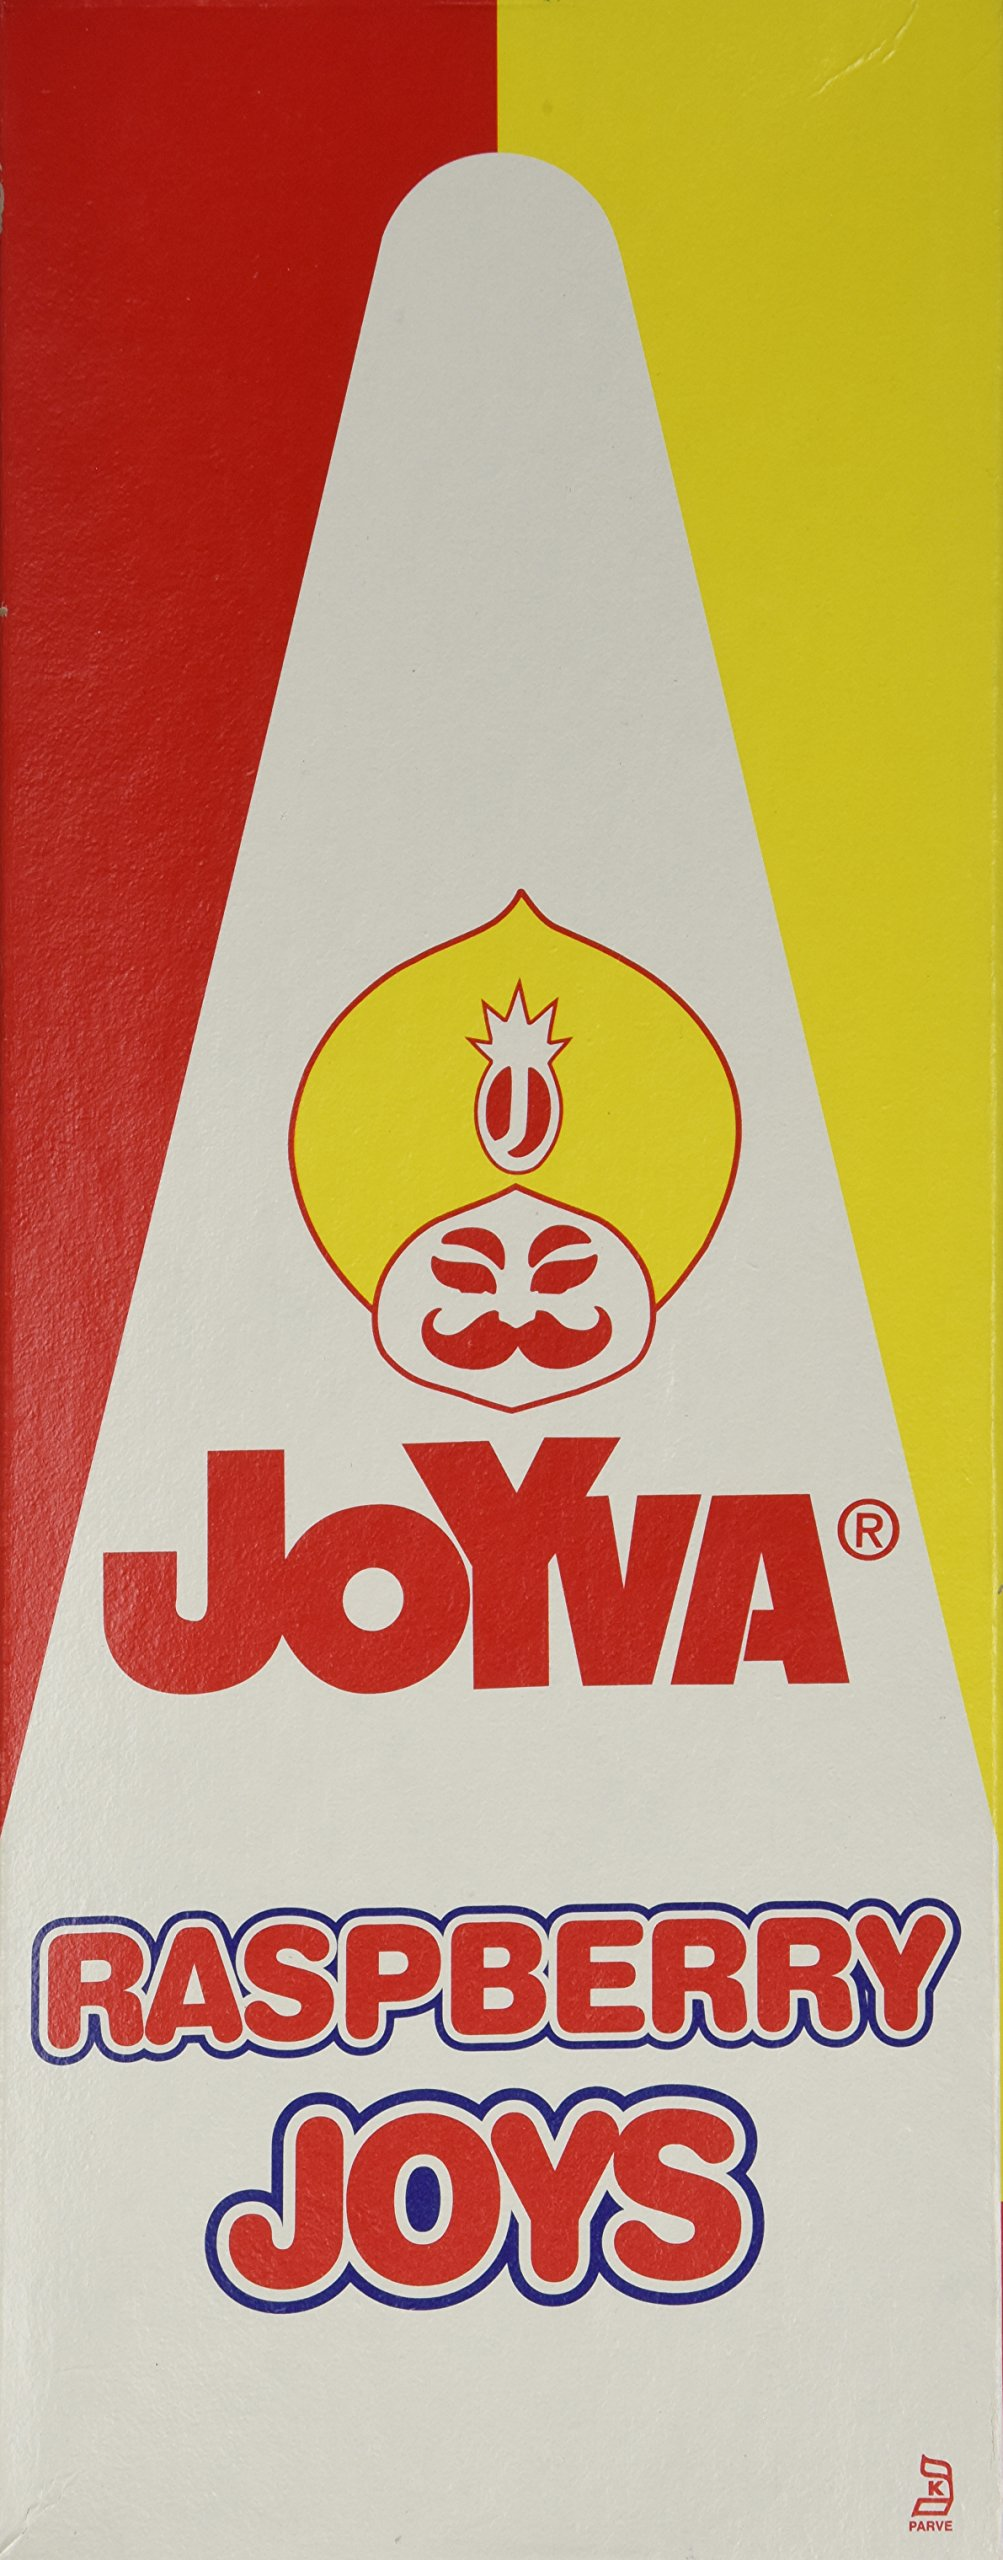 Joyva Raspberry Joys, 1.5-Ounce Packages (Pack of 36) by Joyva (Image #4)